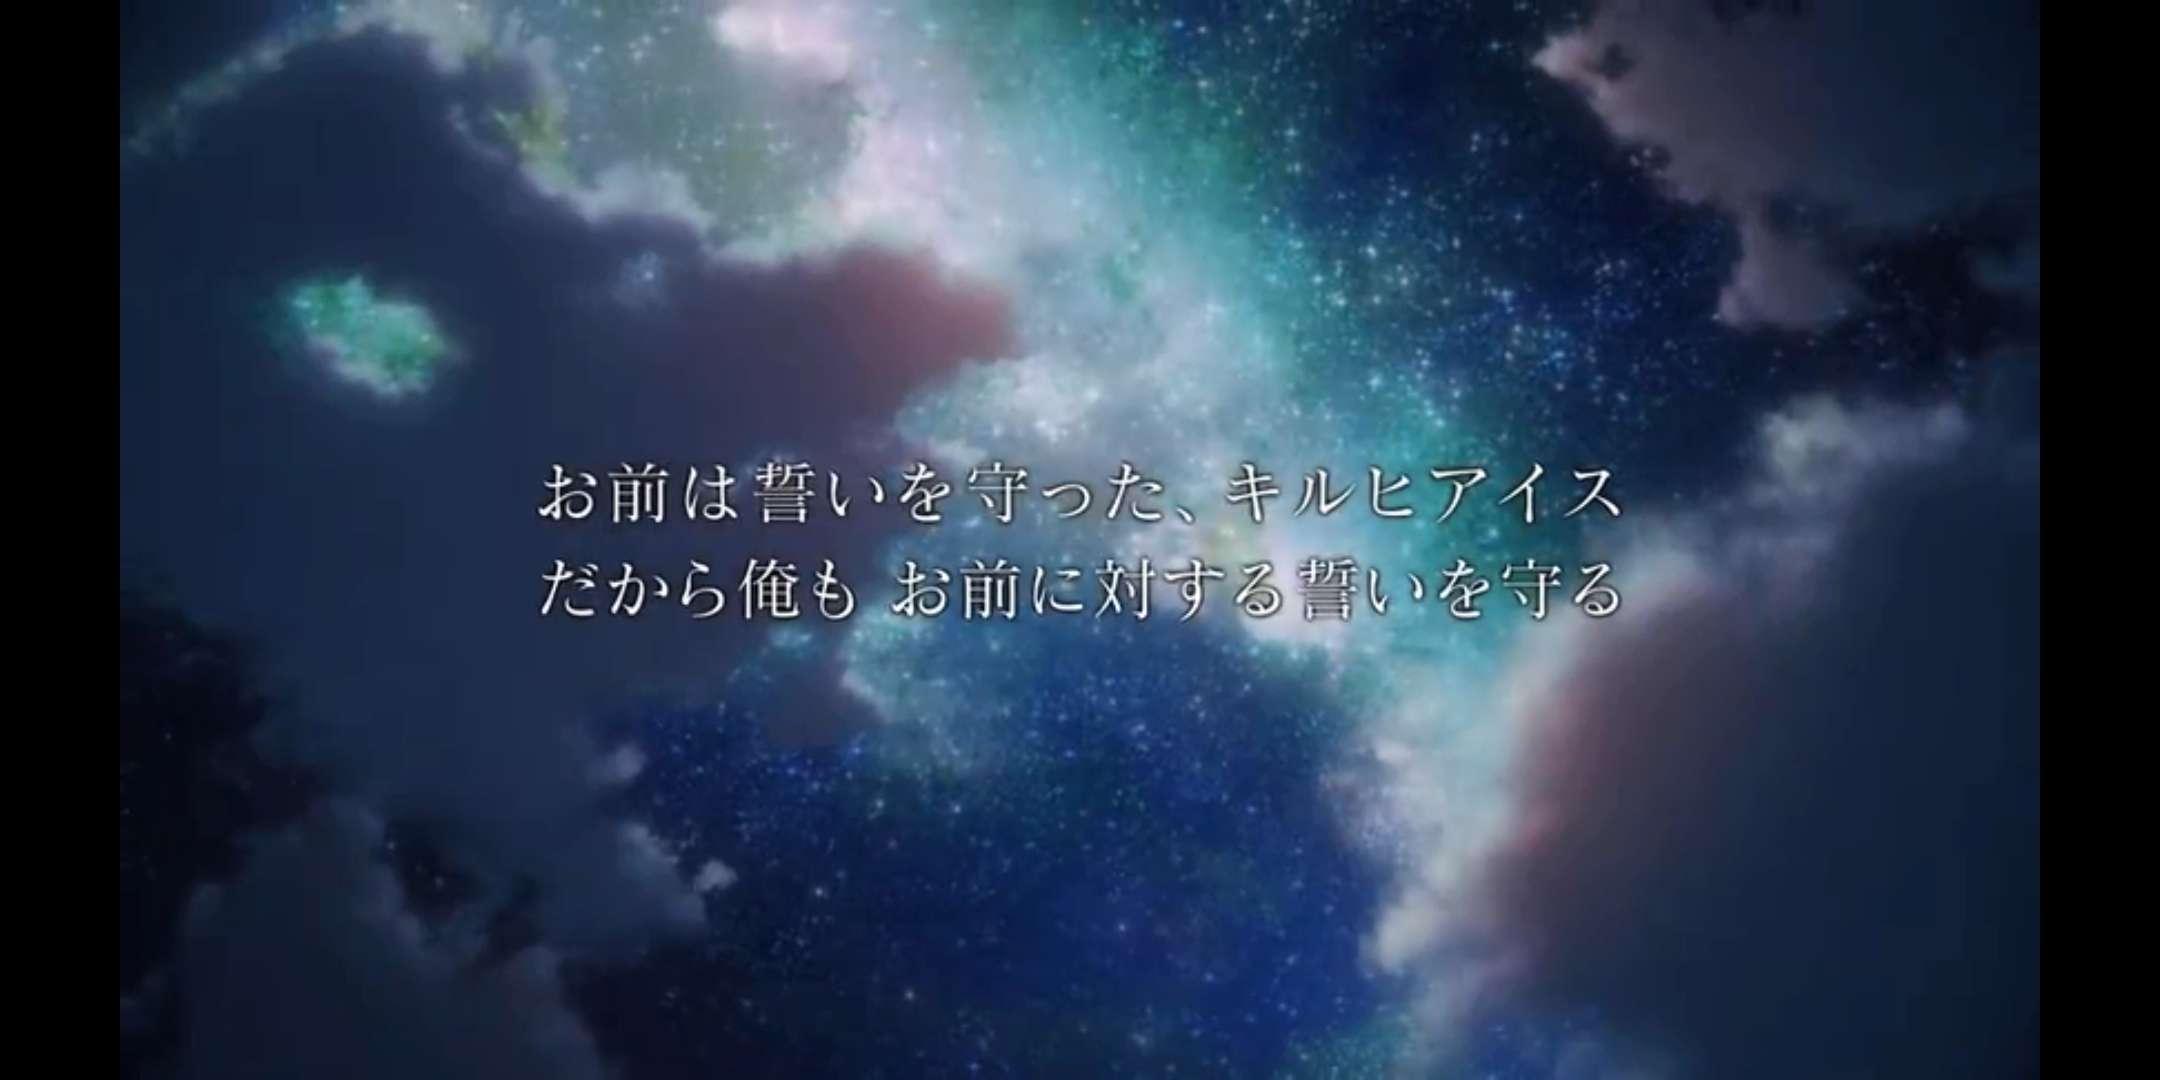 【资讯】动画《银河英雄传说日》续篇制作决定